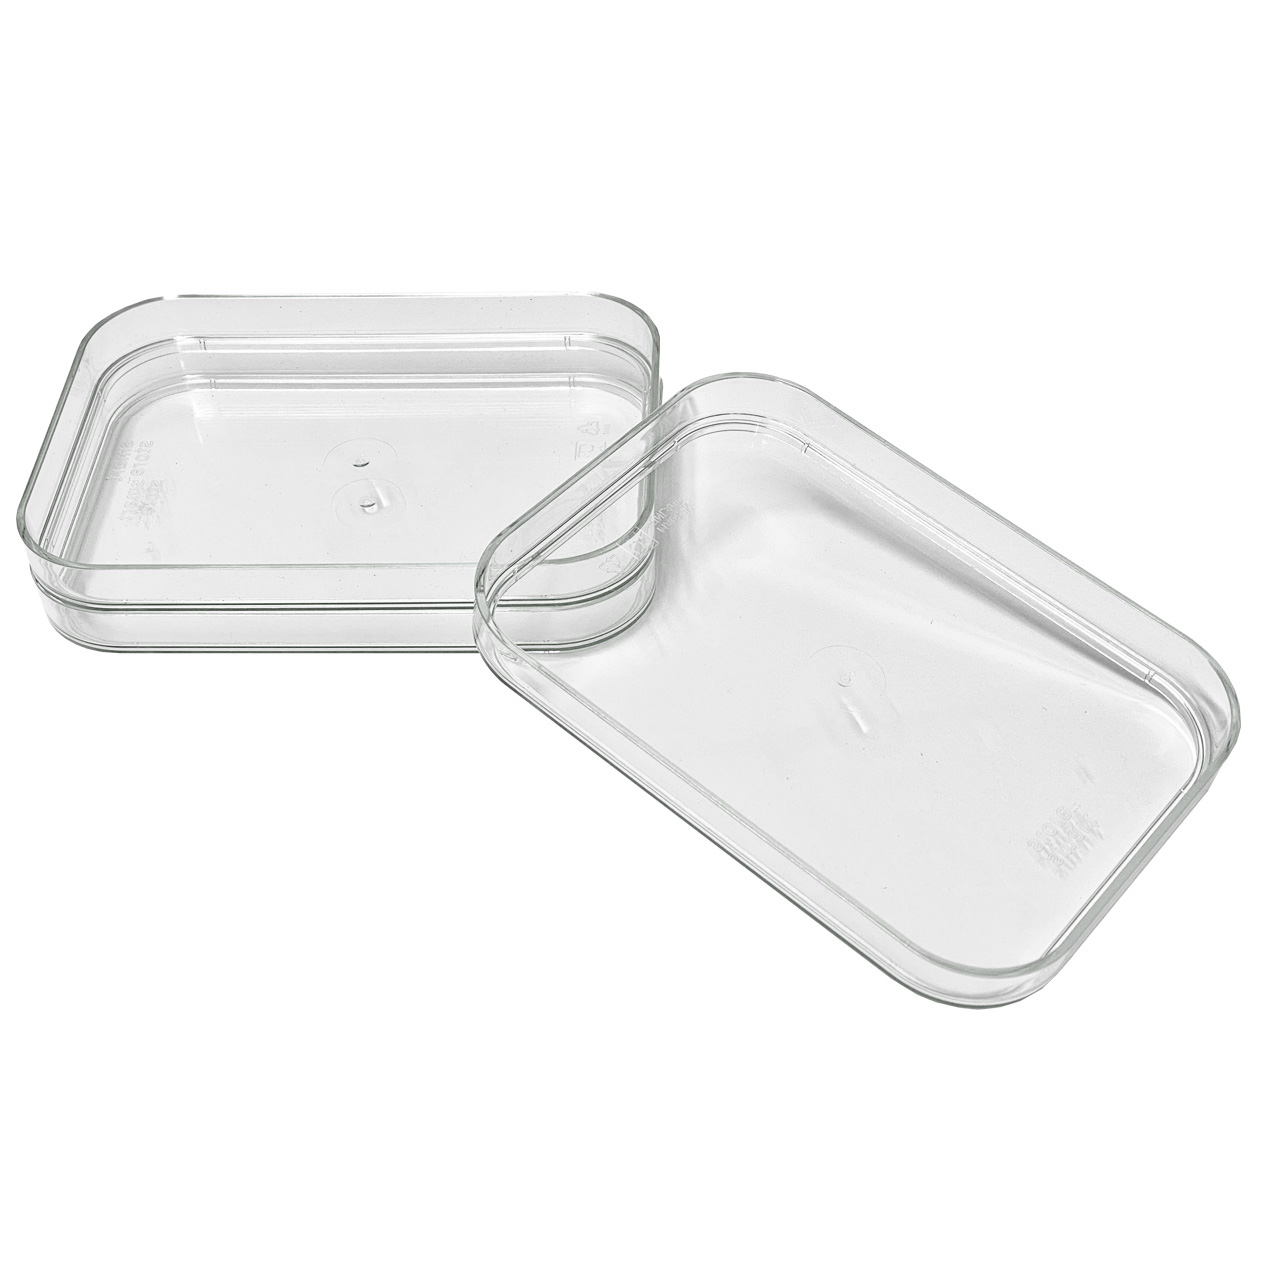 Kühlschrank Organizer Boxen-Set mit Beschriftungsetiketten (S-Deckel-3er-Set)